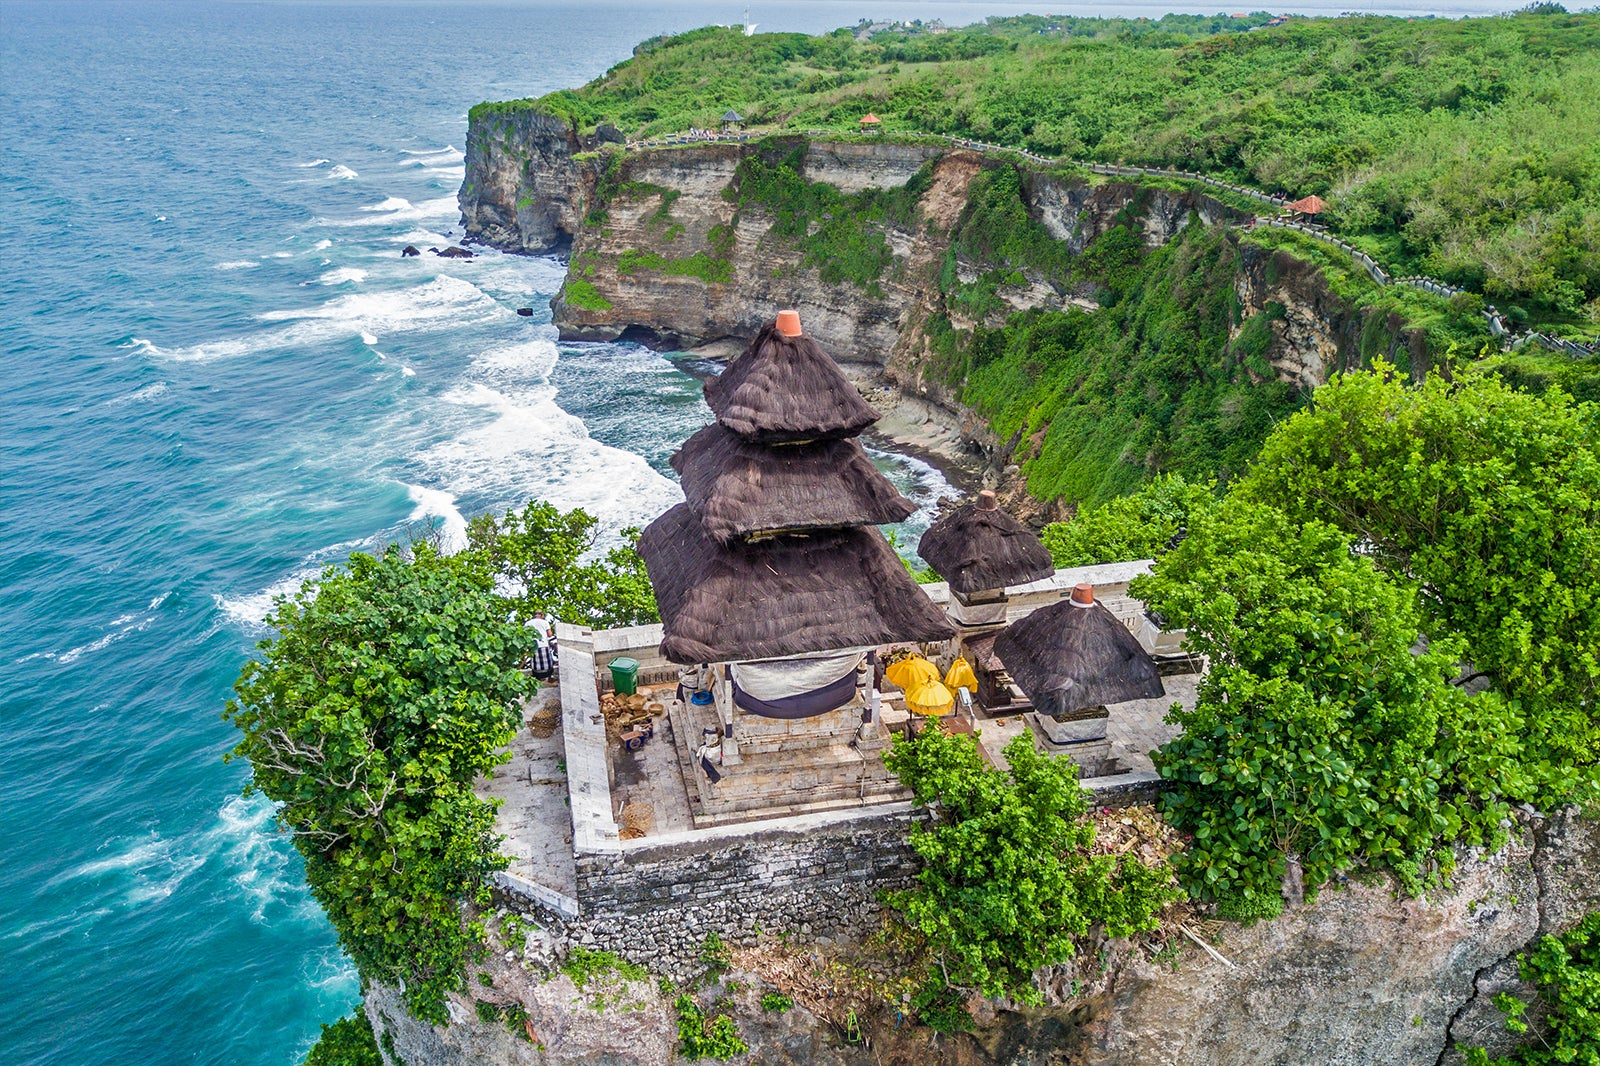 Uluwatu Temple in Bali - Bali's Scenic Cliff Temple – Go Guides